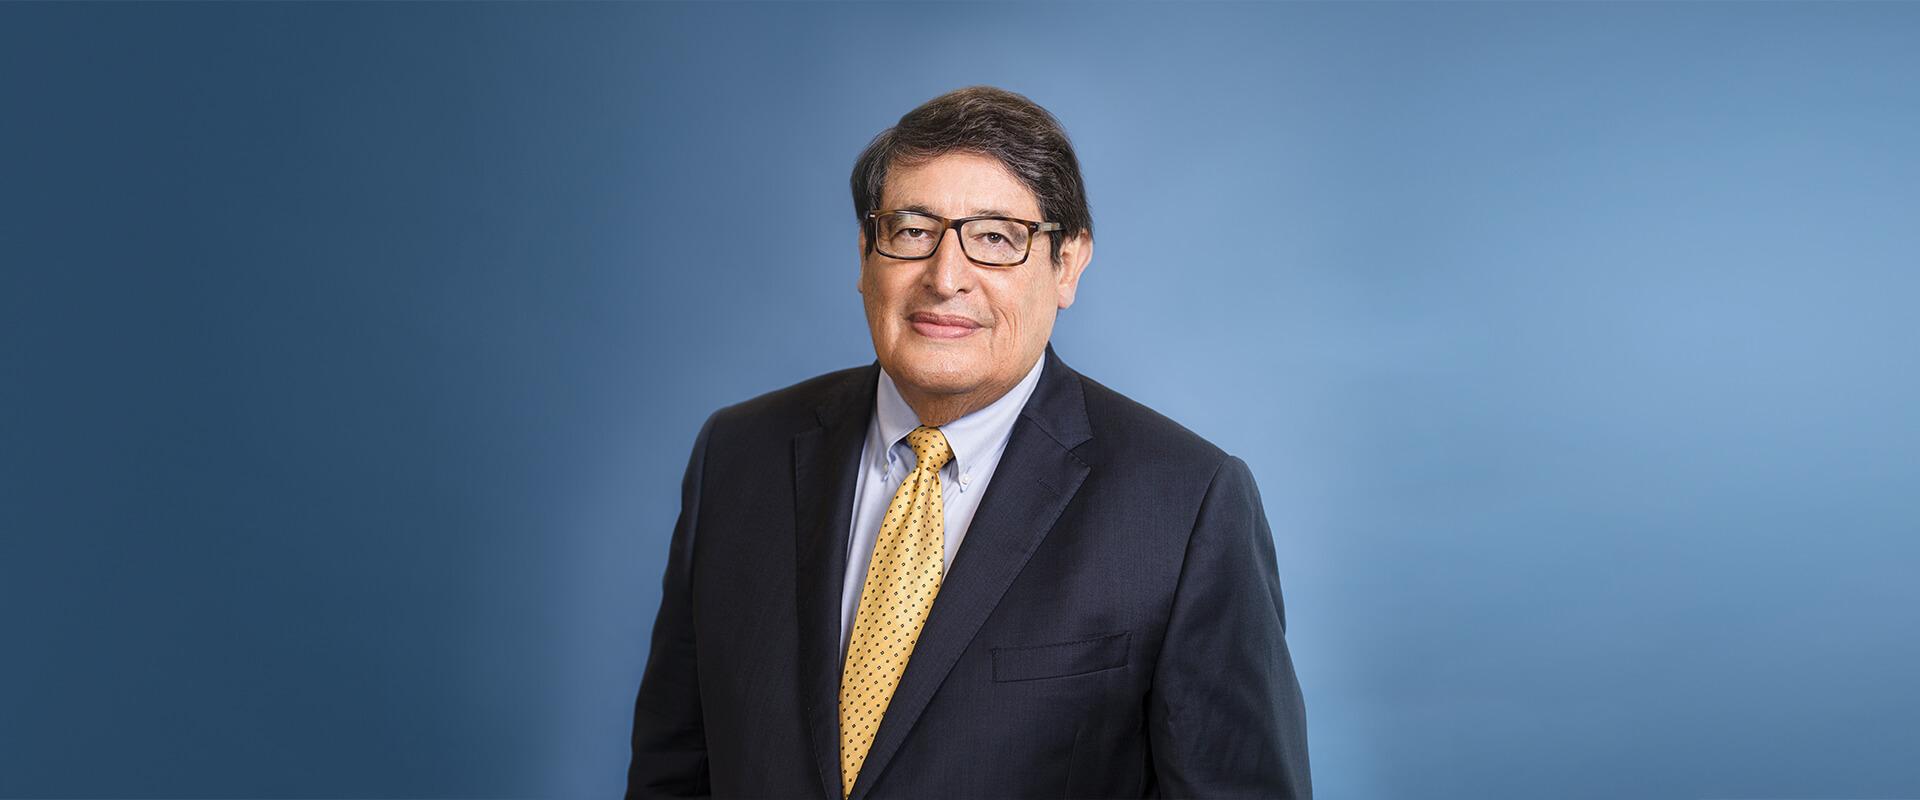 George Hernandez, Jr.